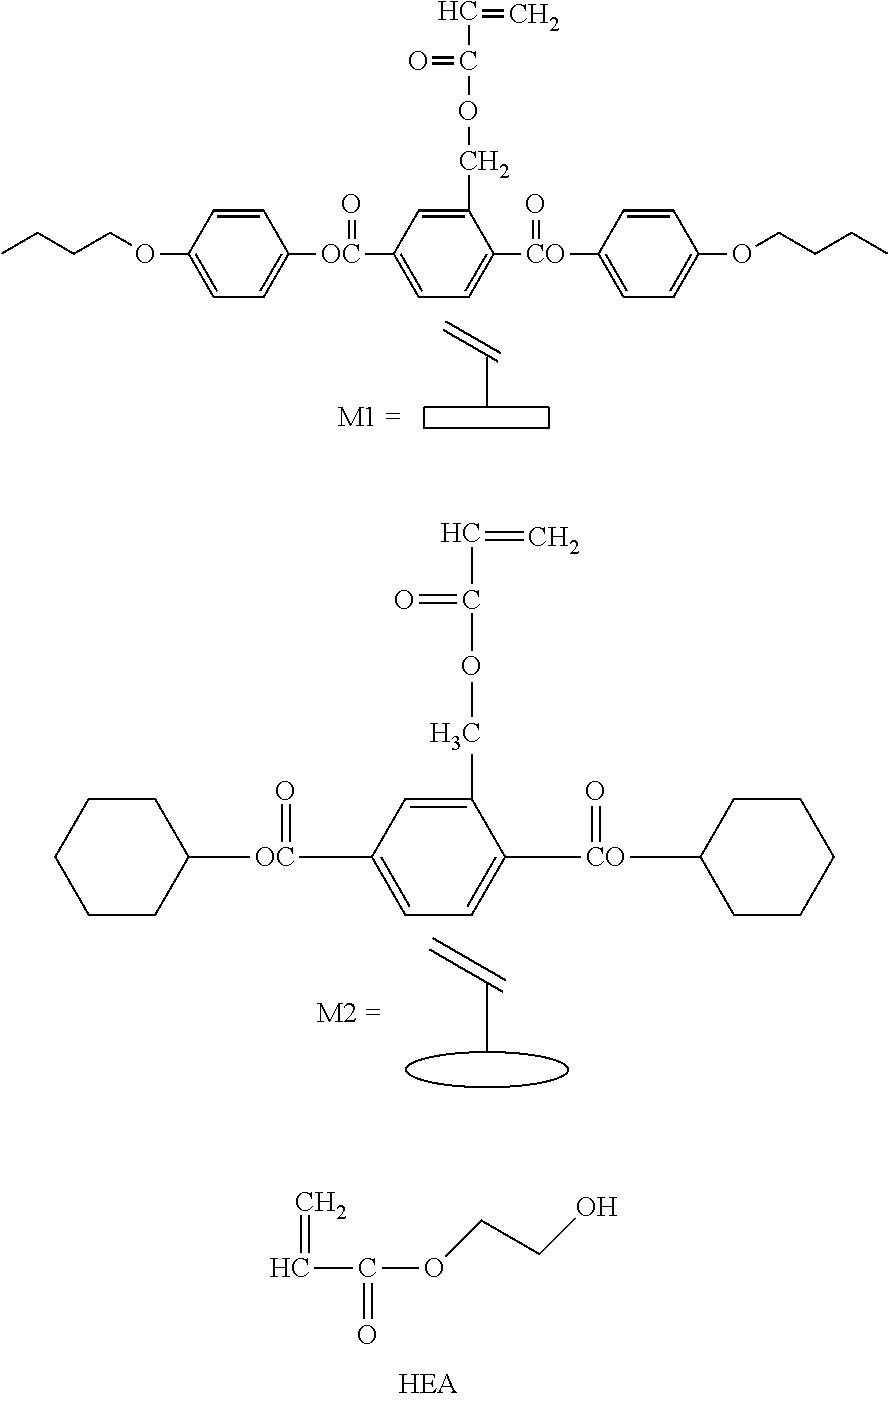 Figure US20110049768A1-20110303-C00001